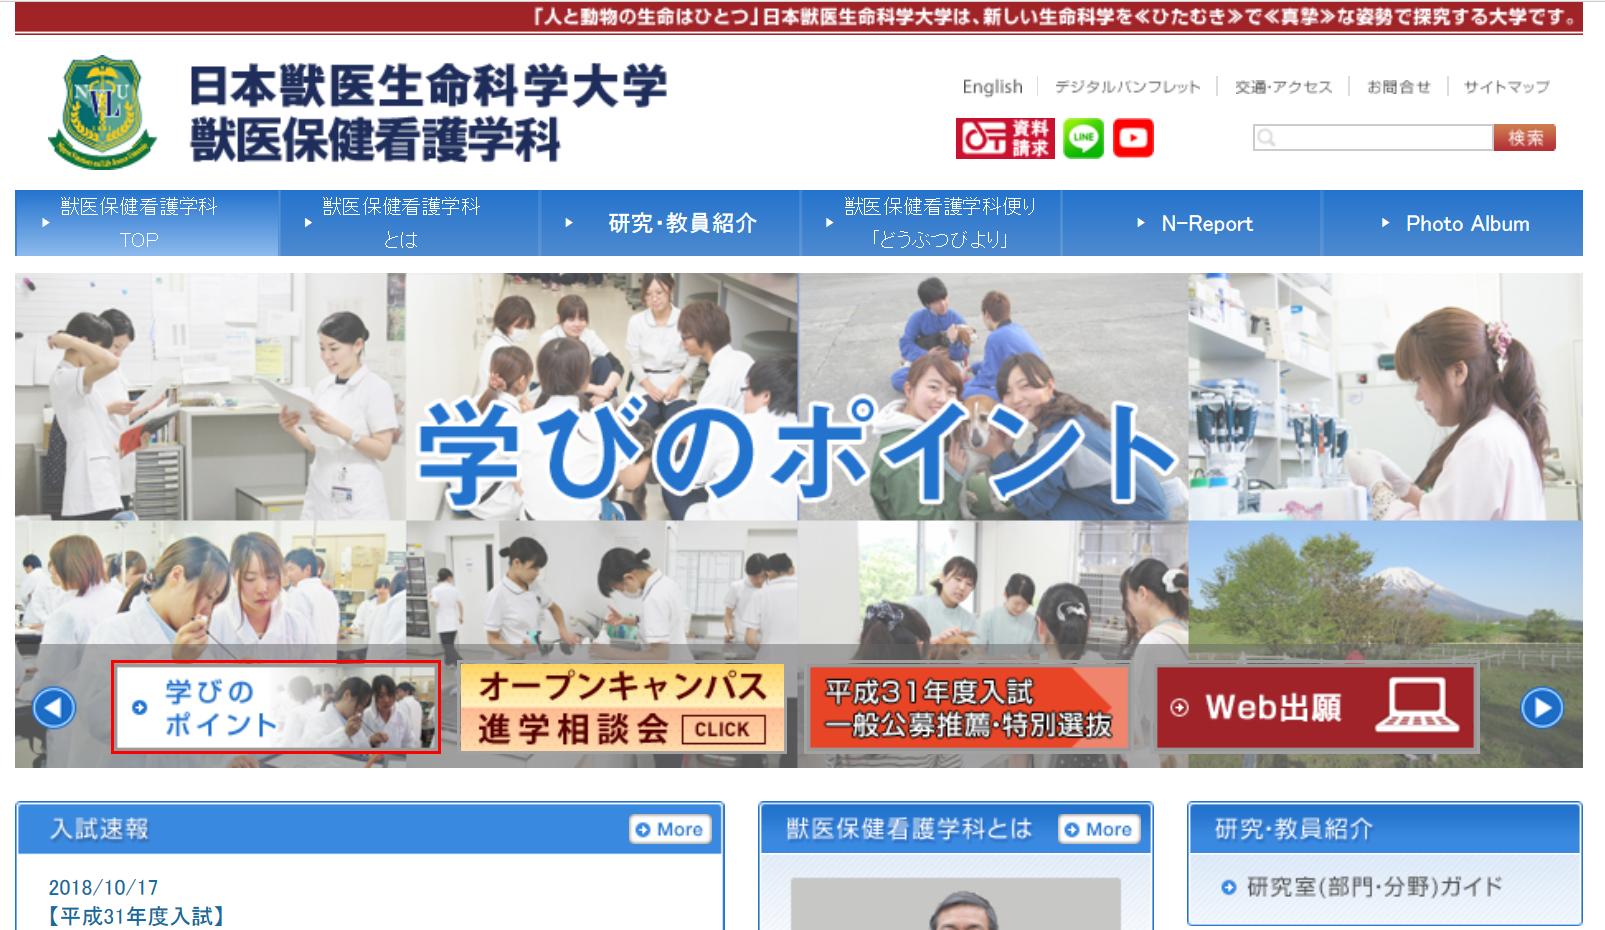 大学 科学 獣医 日本 生命